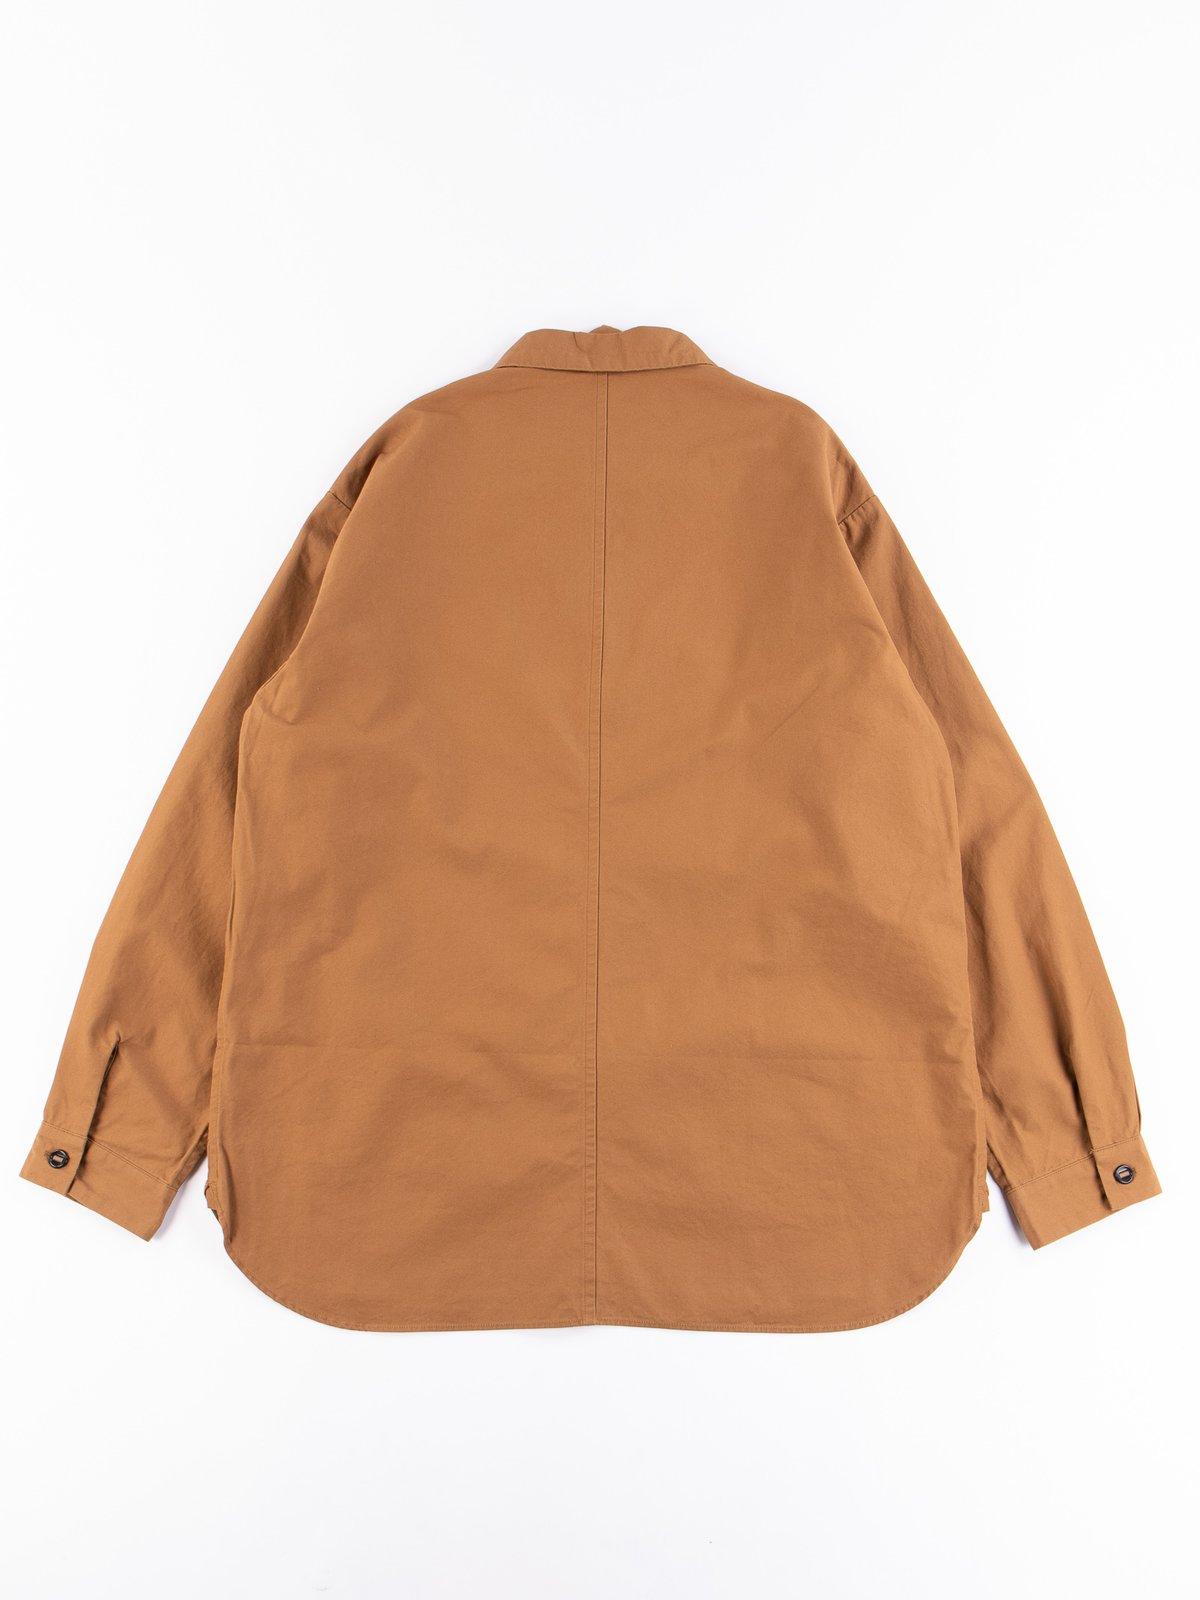 Tan Gardener Oxford Shirt Jacket - Image 5